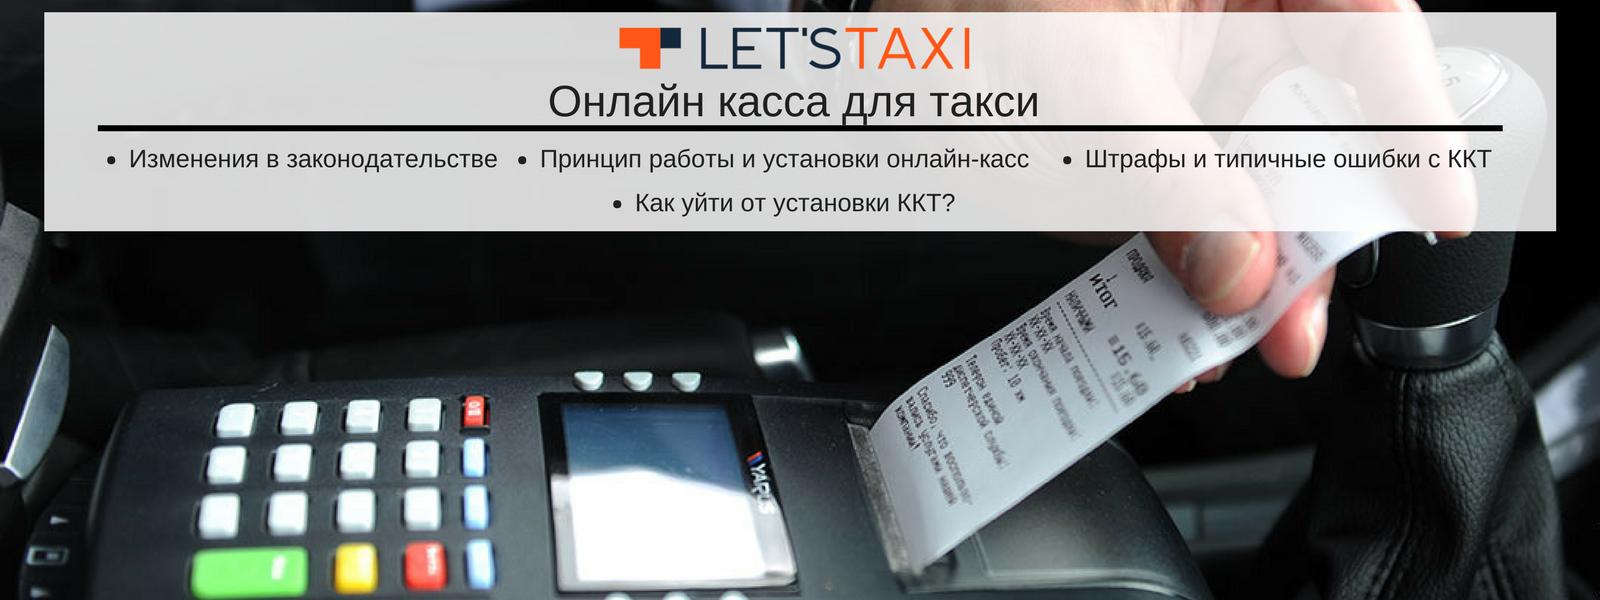 Установка онлайн касс в такси